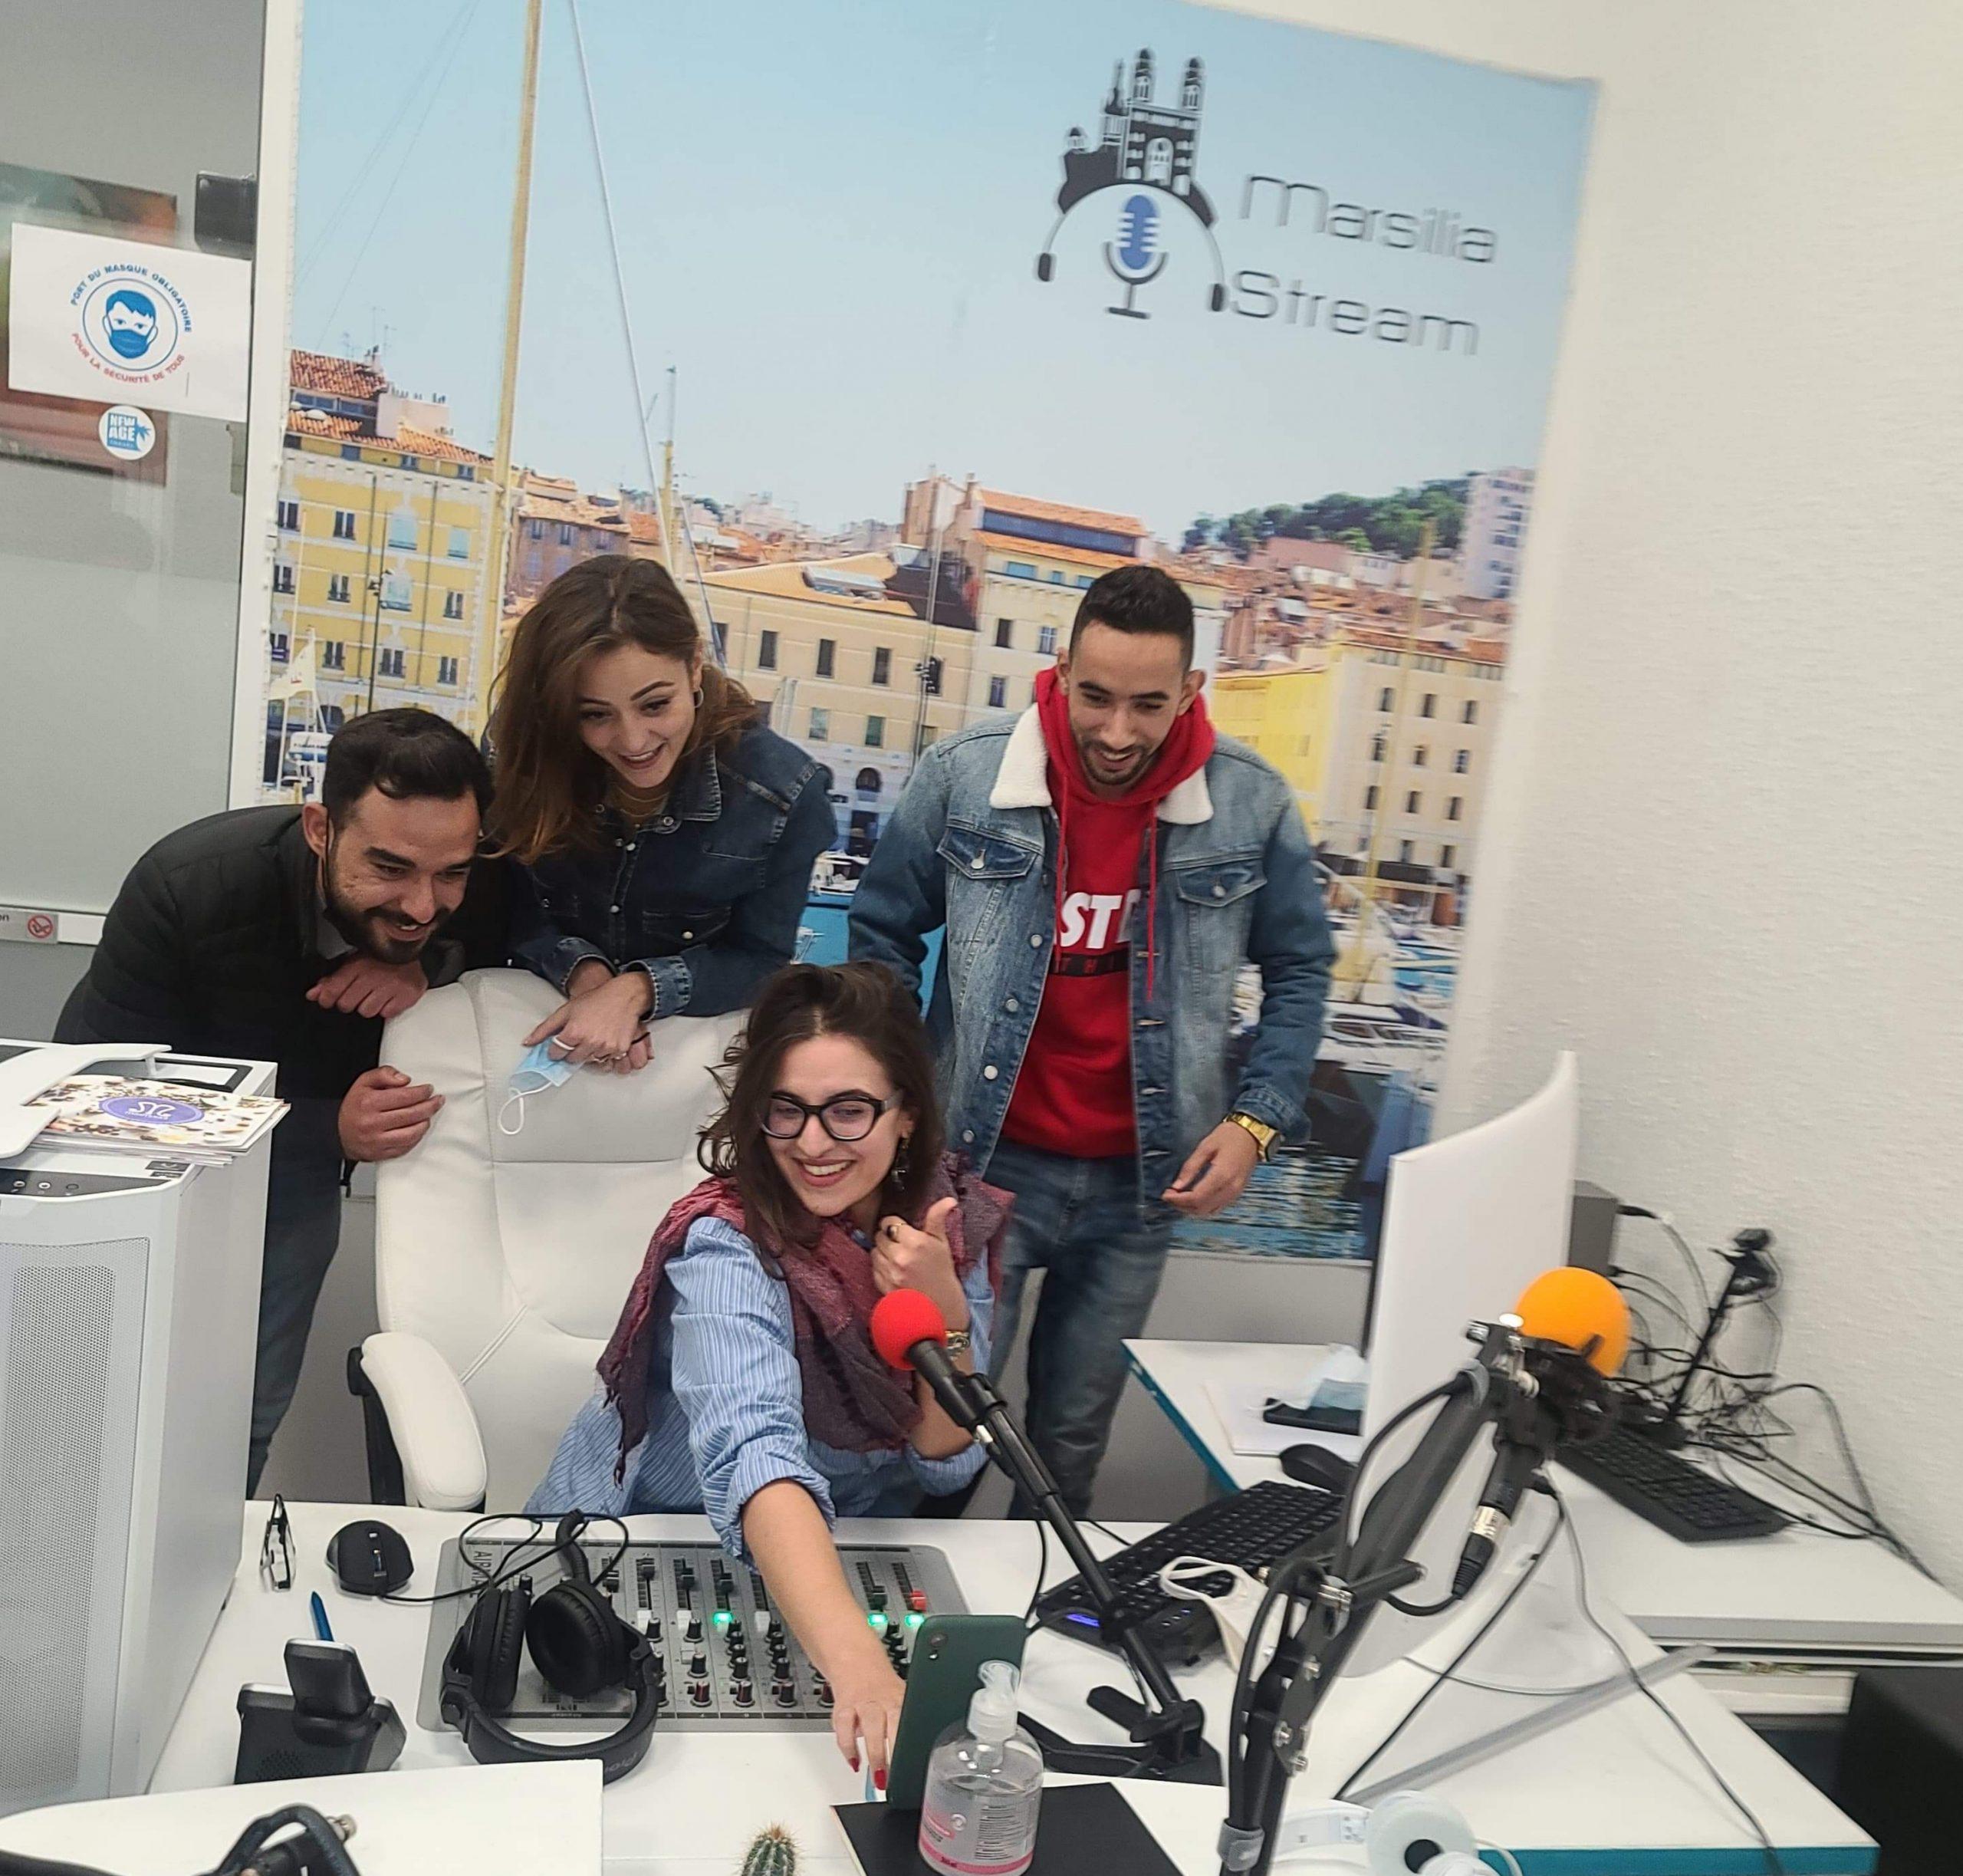 MARSILIASTREAM FRANCETUNISIEINFO scaled - Marsilia Stream, la citée phocéenne offre un nouveau canal médiatique pour les Tunisiens en France